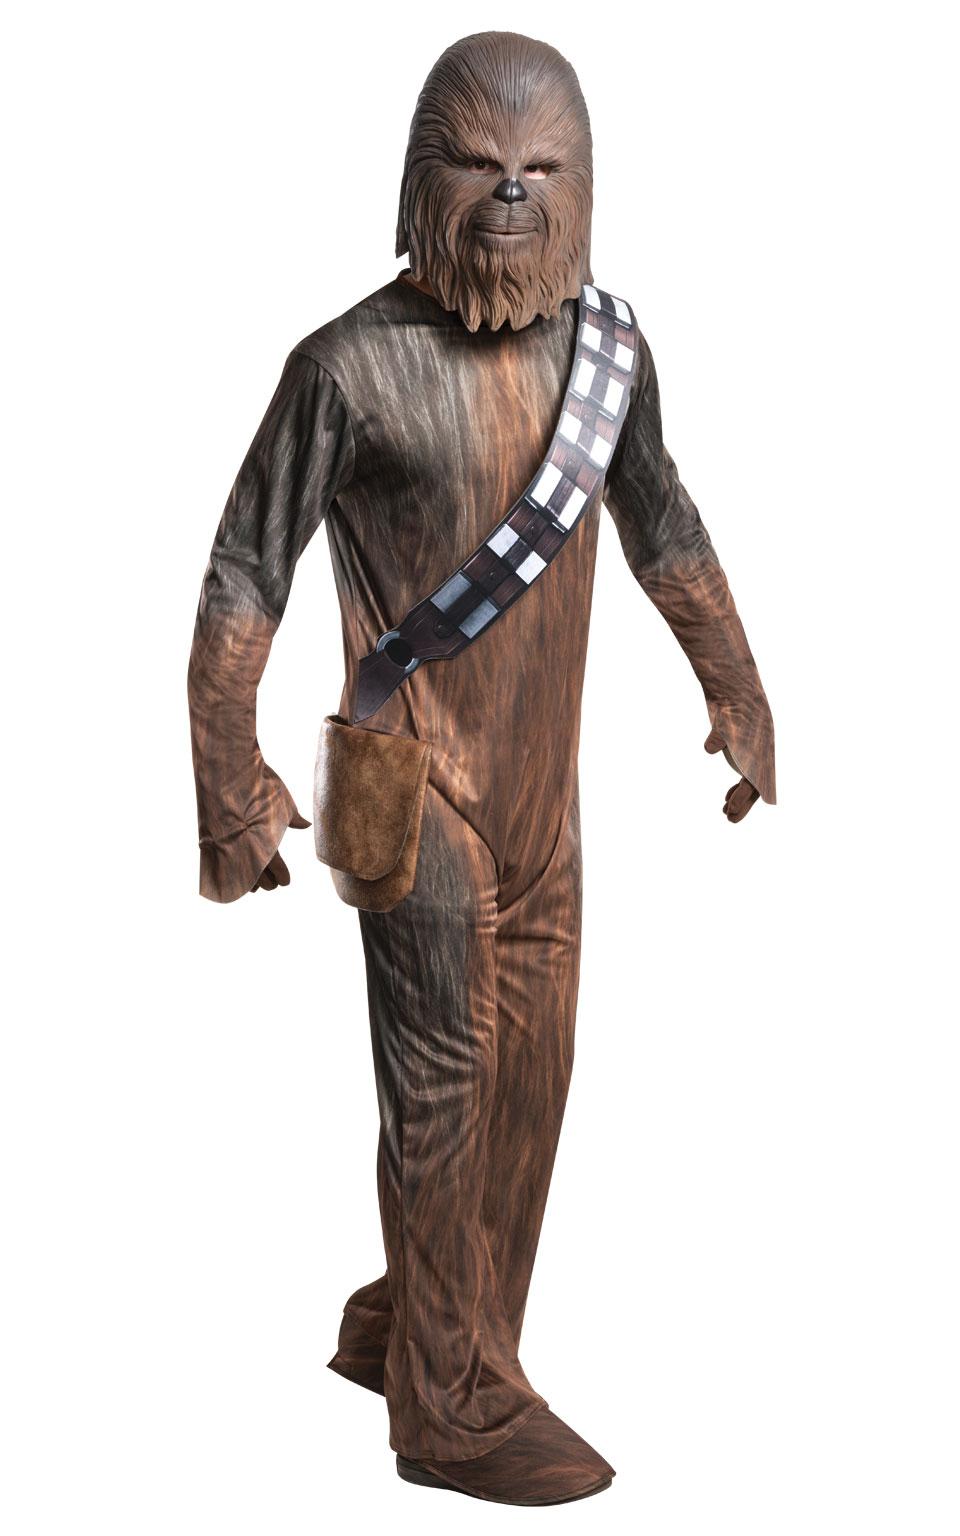 Rubies Kostým Chewbacca (Star Wars) Veľkosť - dospelý: STD